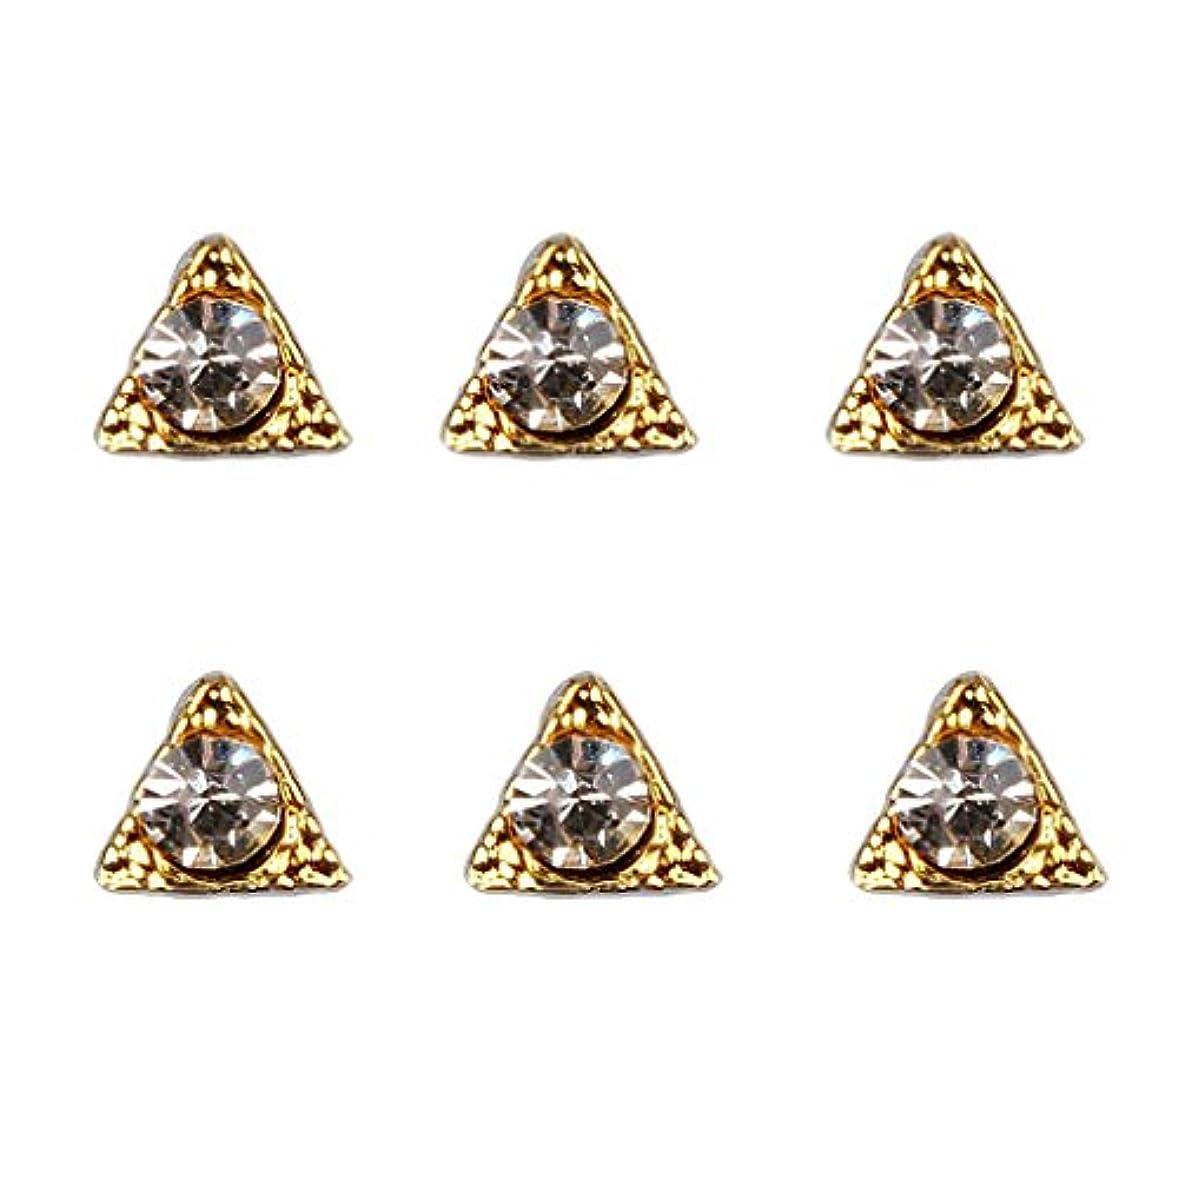 ポンプ対角線故障中ネイル ネイルデザイン ダイヤモンド 3Dネイルアート ヒントステッカー デコレーション 50個入り - 7